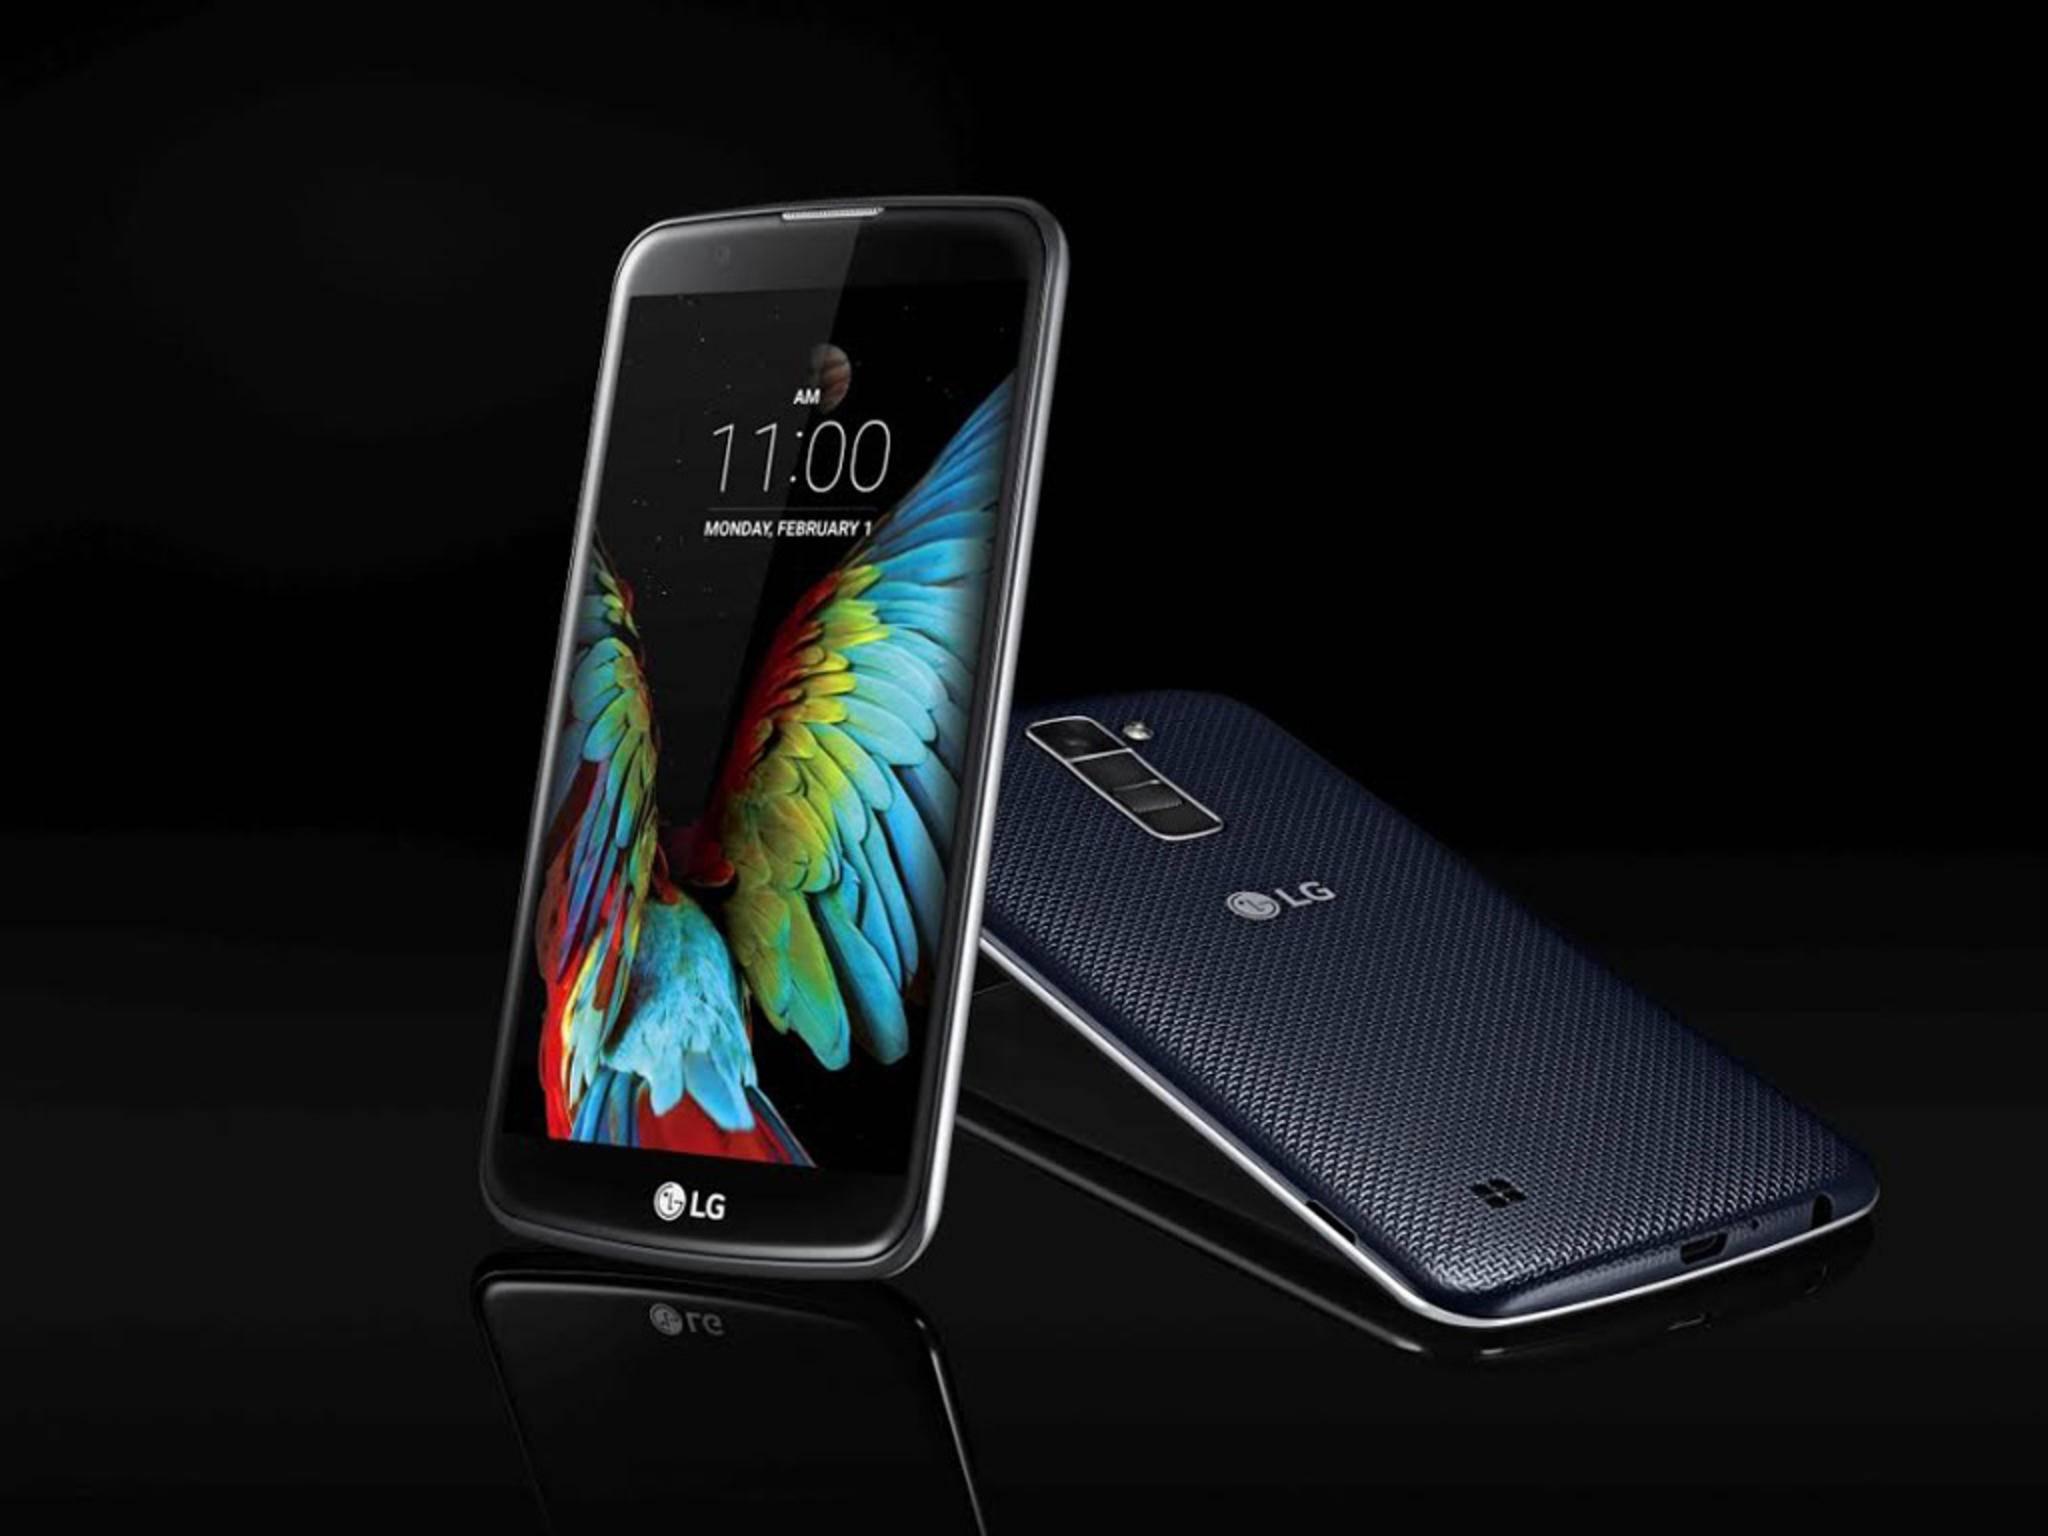 Das LG K10 wurde auf der CES vorgestellt.